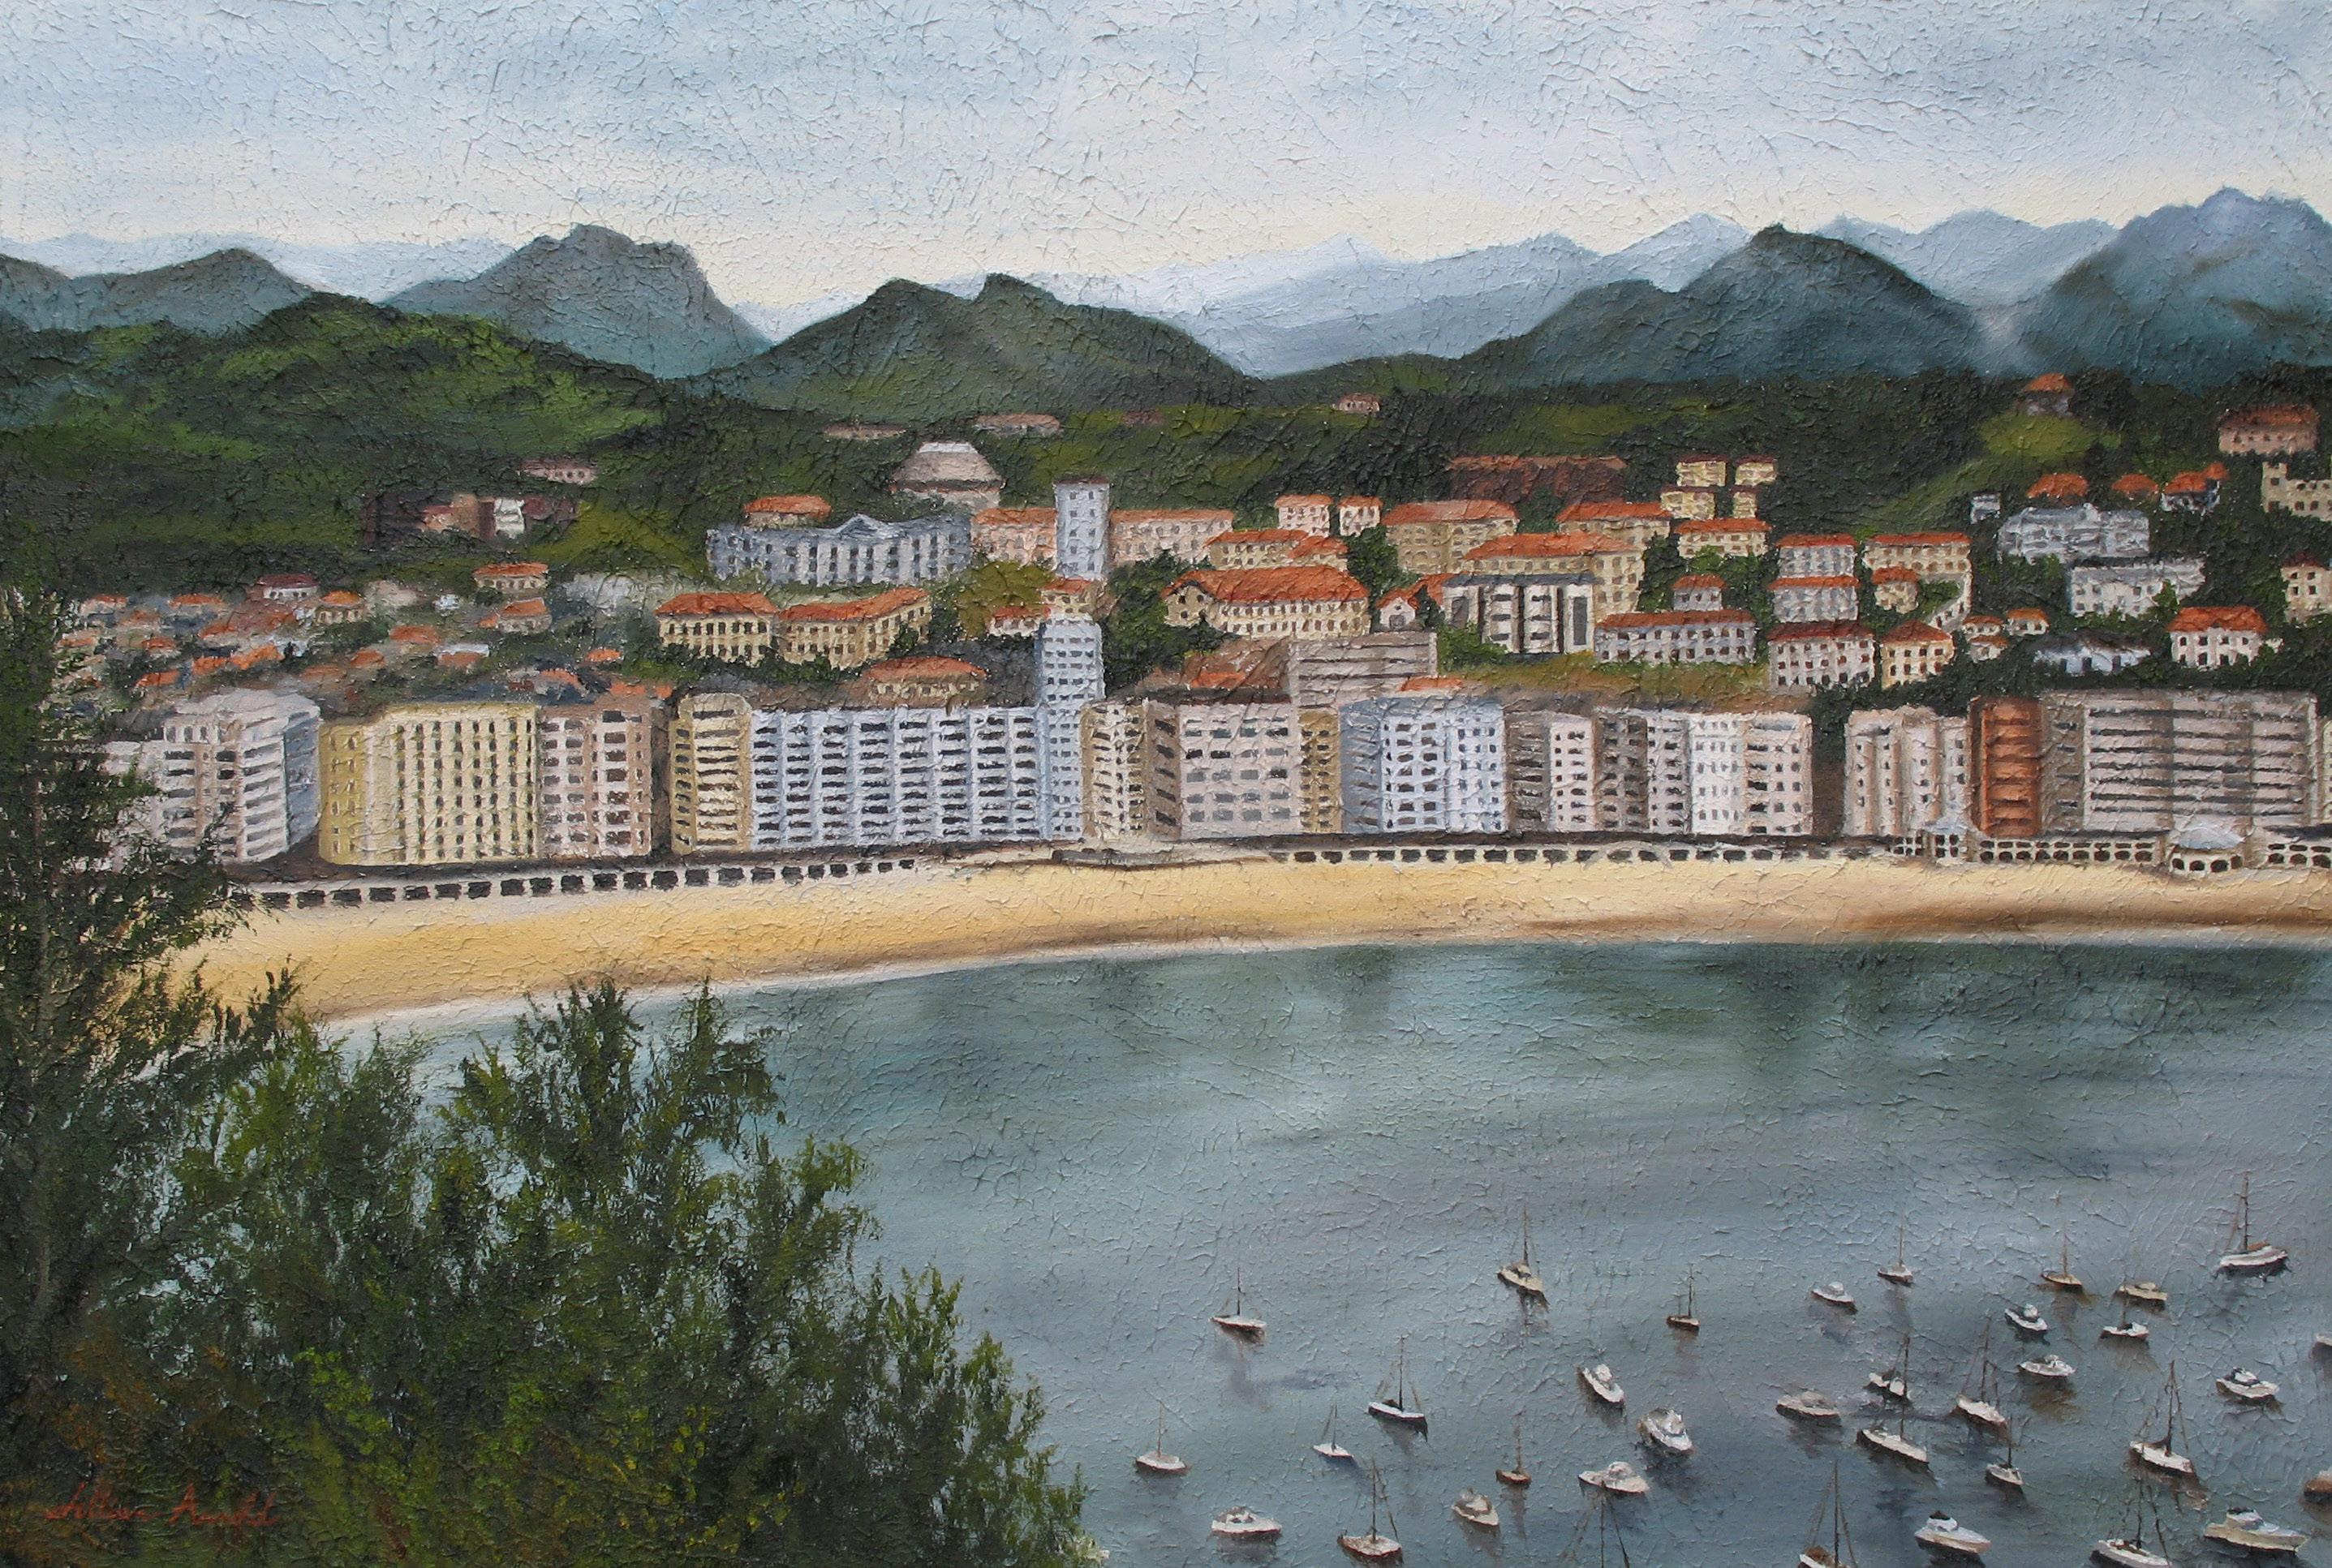 San Sabastian, Spain. oil on canvas, 24 x 36 inches. 2006